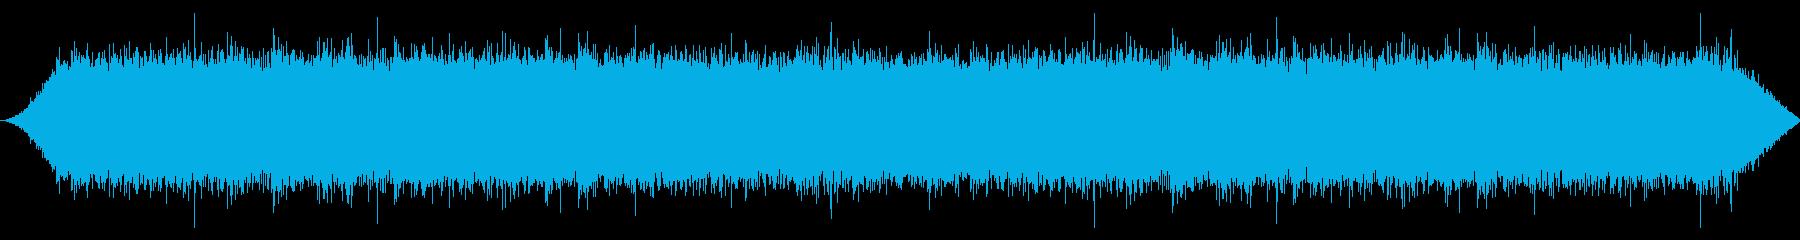 ヘビーフロークリーク:ライトバブリングの再生済みの波形